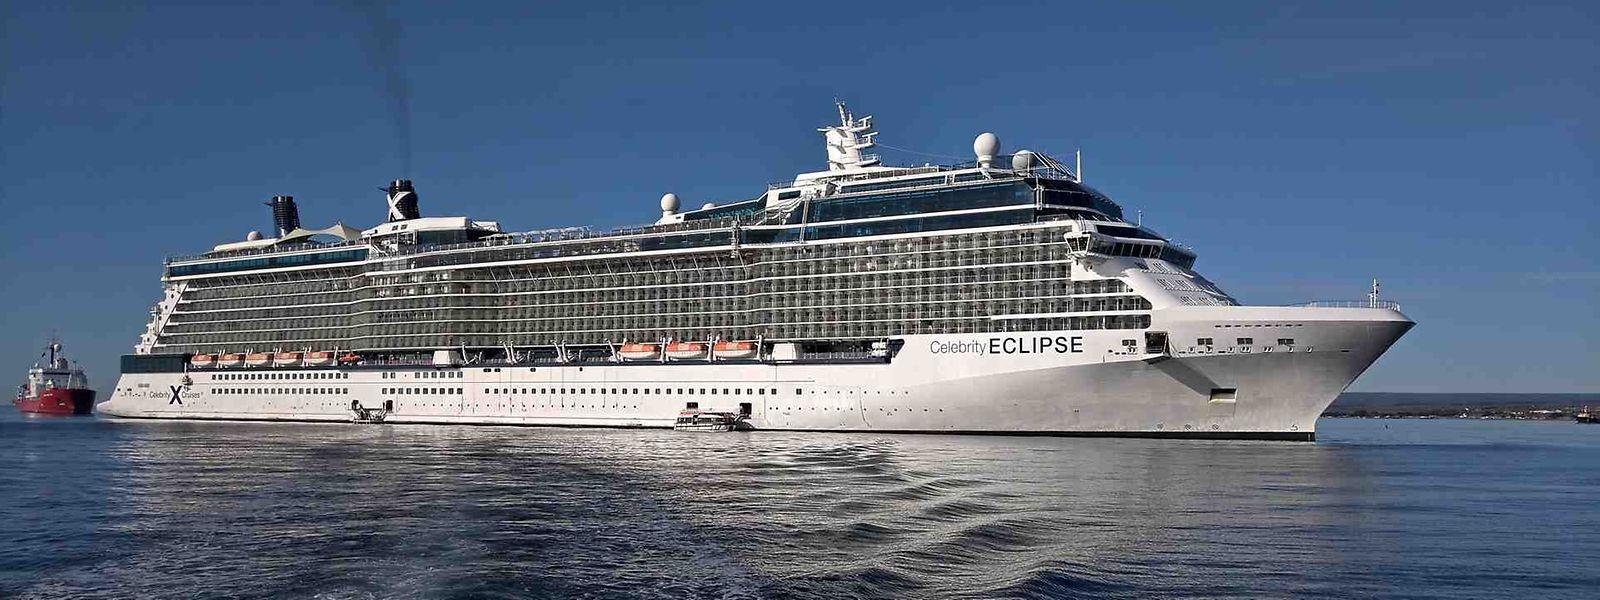 A défaut de pouvoir accoster, le Celebrity Eclipse reste en mer depuis deux semaines.